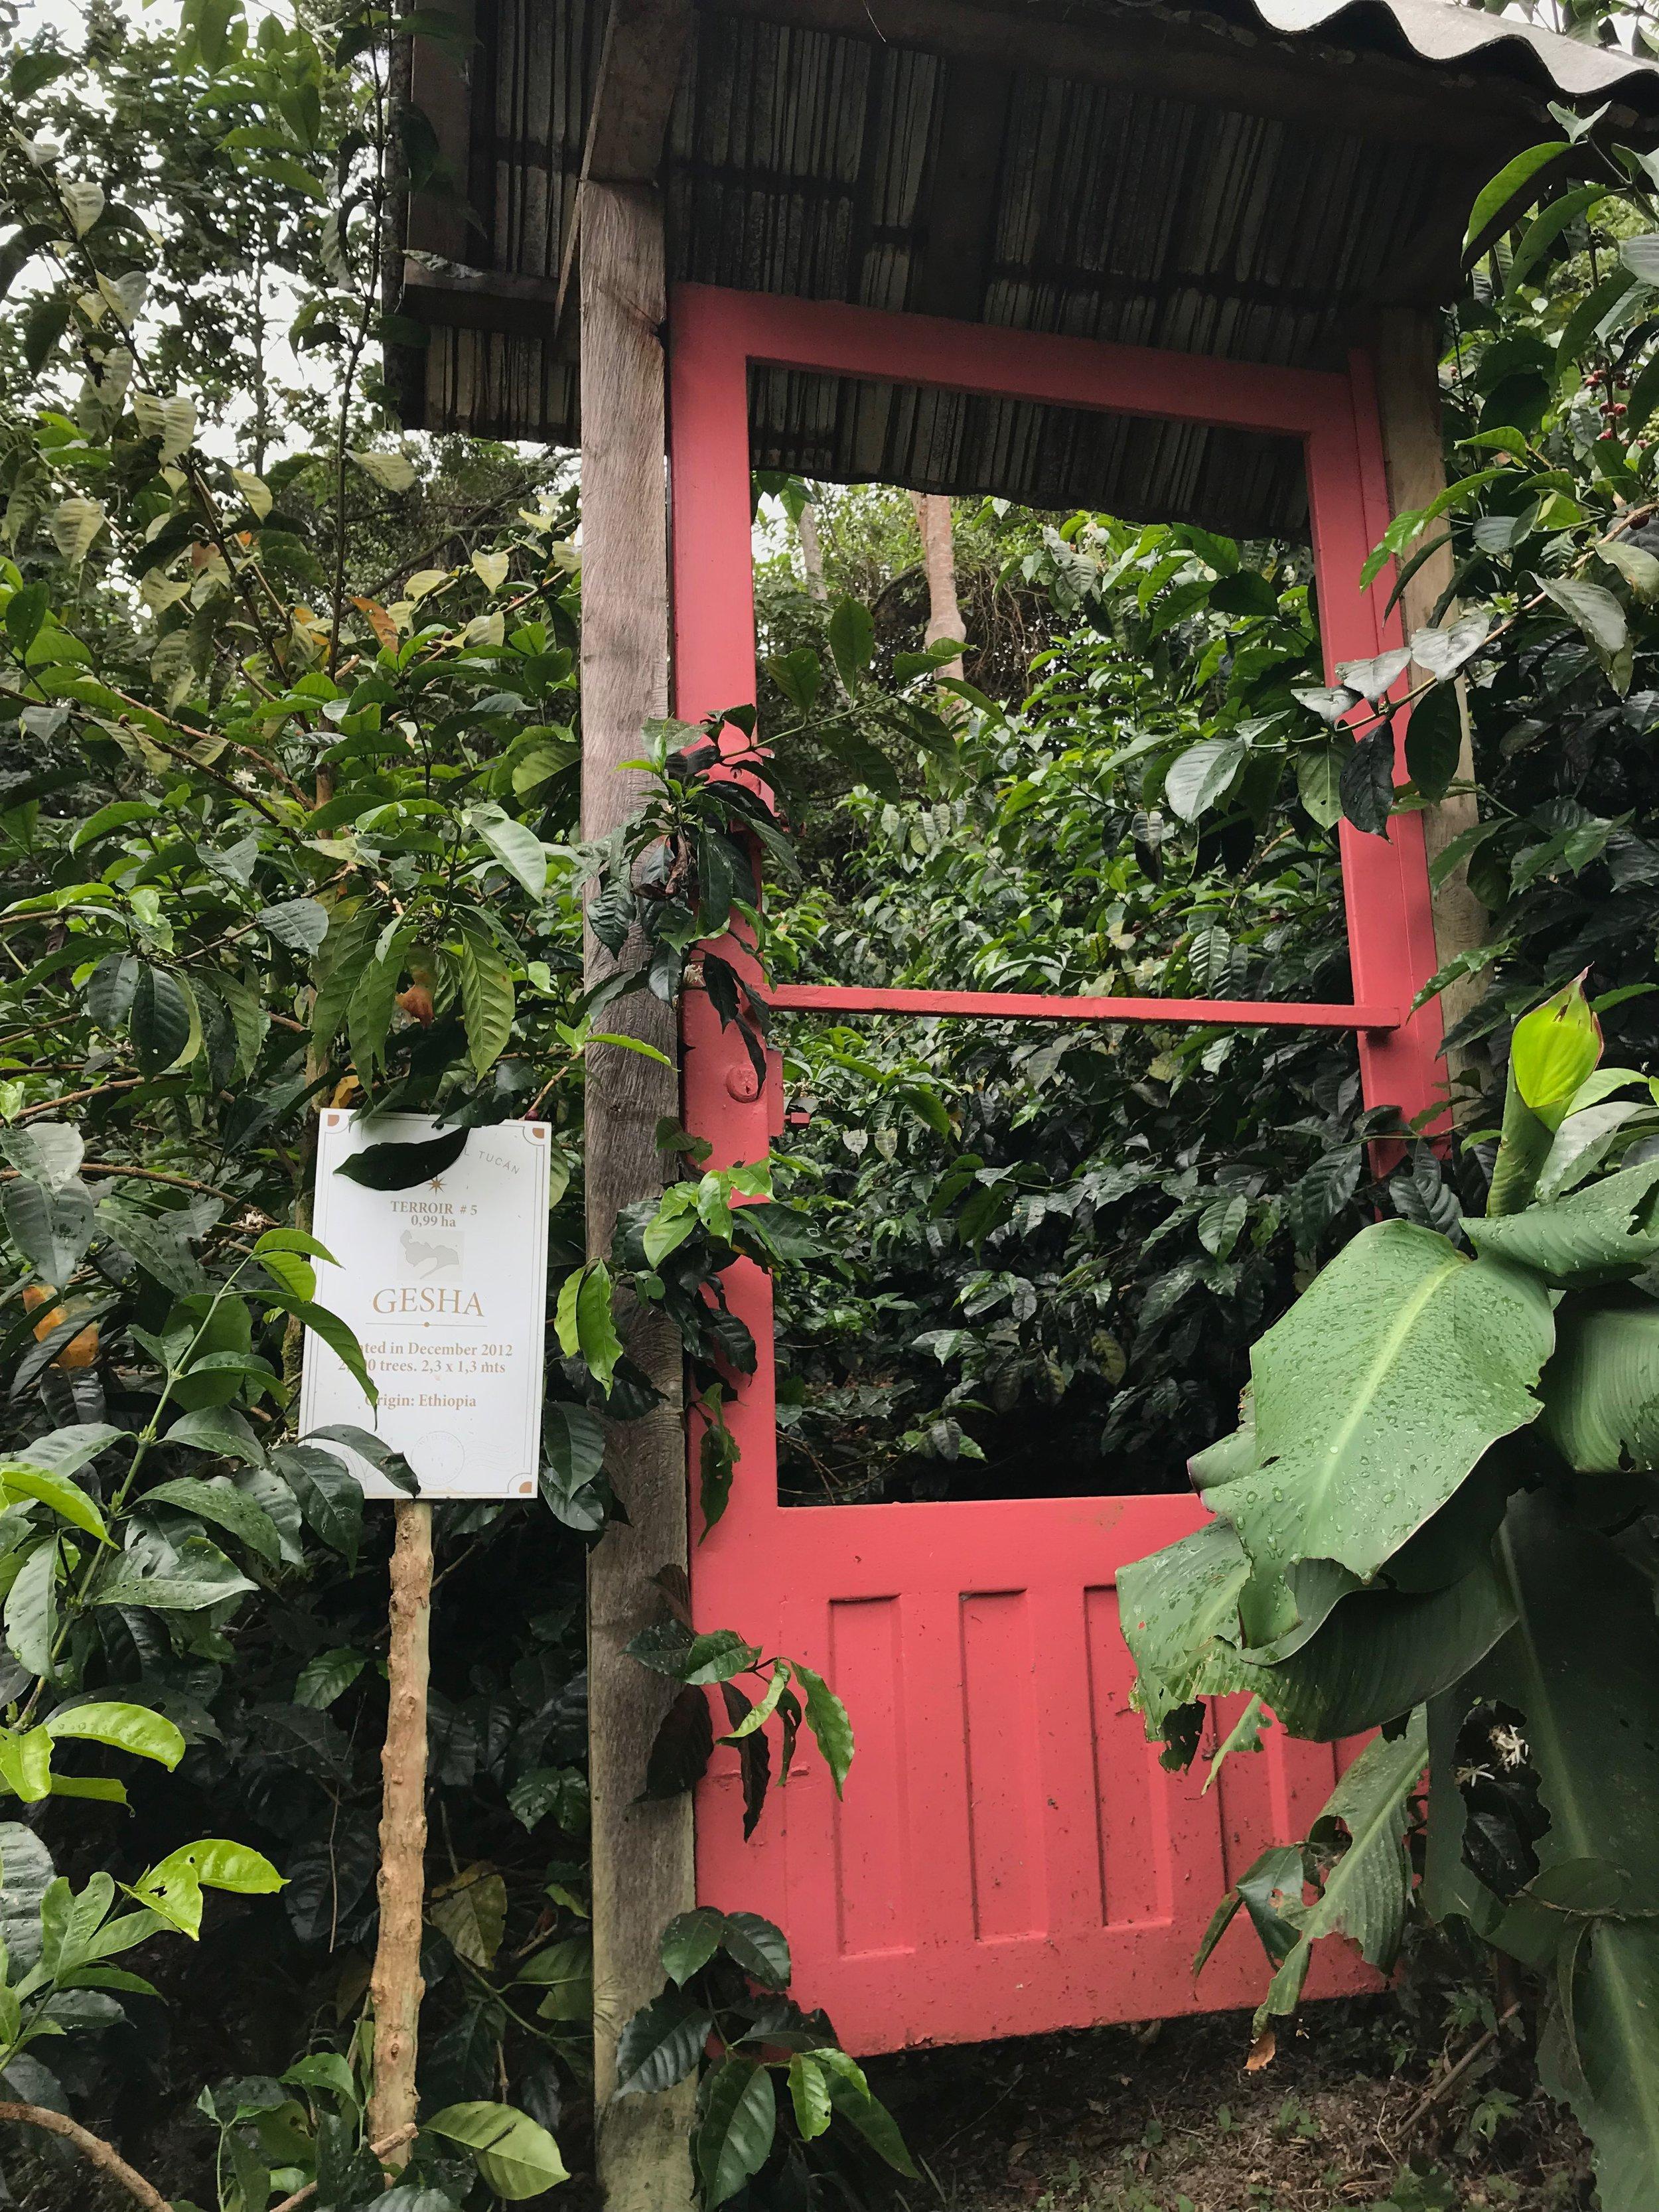 Gateway to Geisha, La Palma y El Tucan